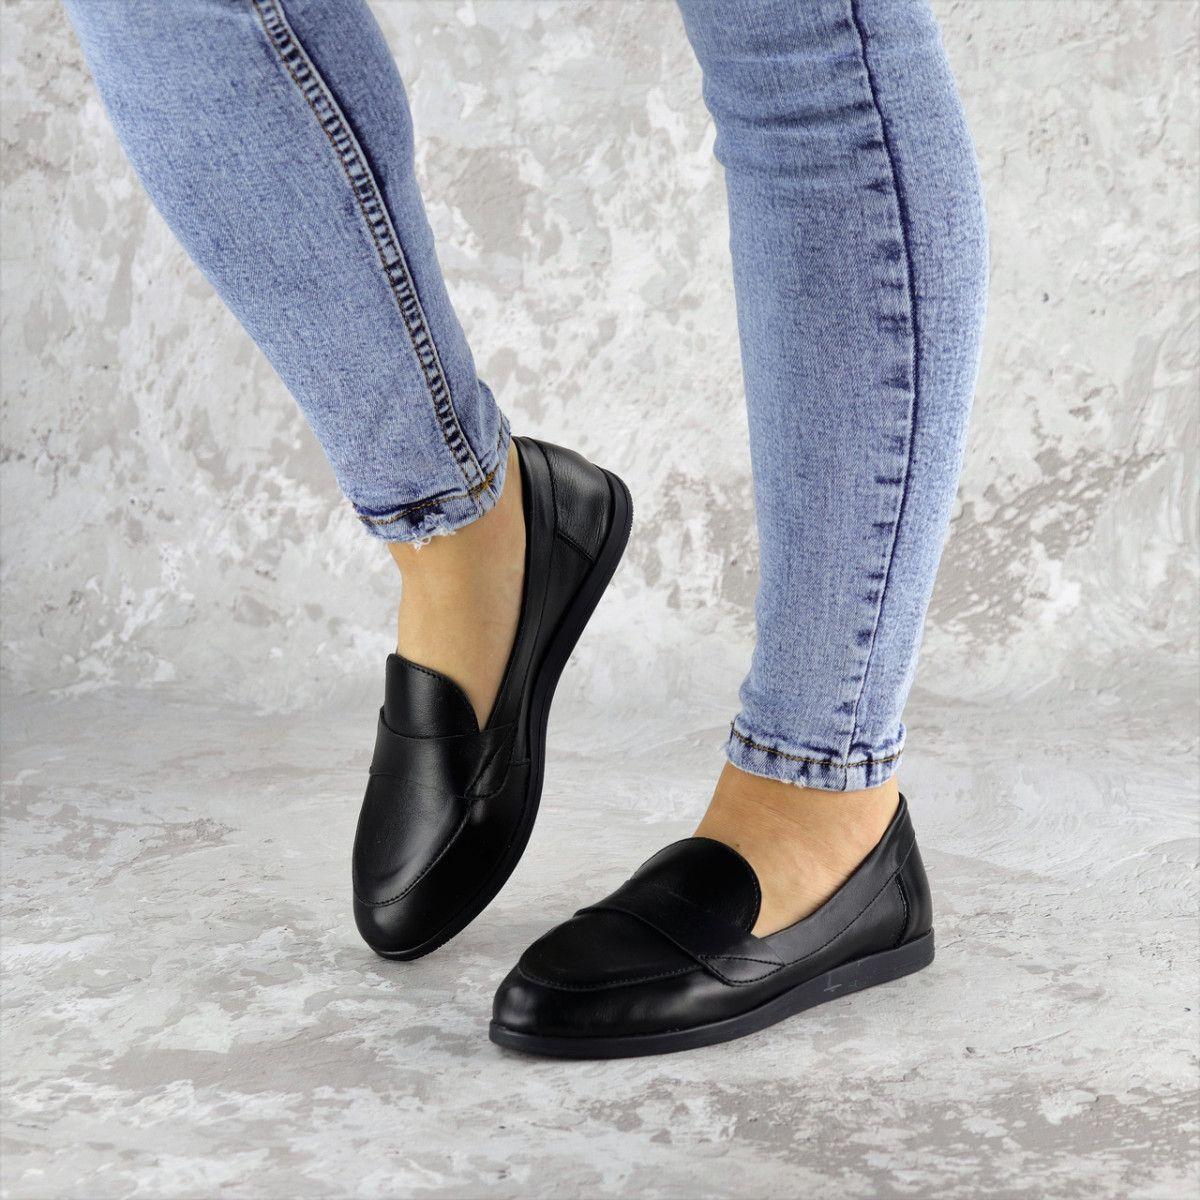 Мокасины женские Fashion Herman 2239 37 размер 24 см Черный